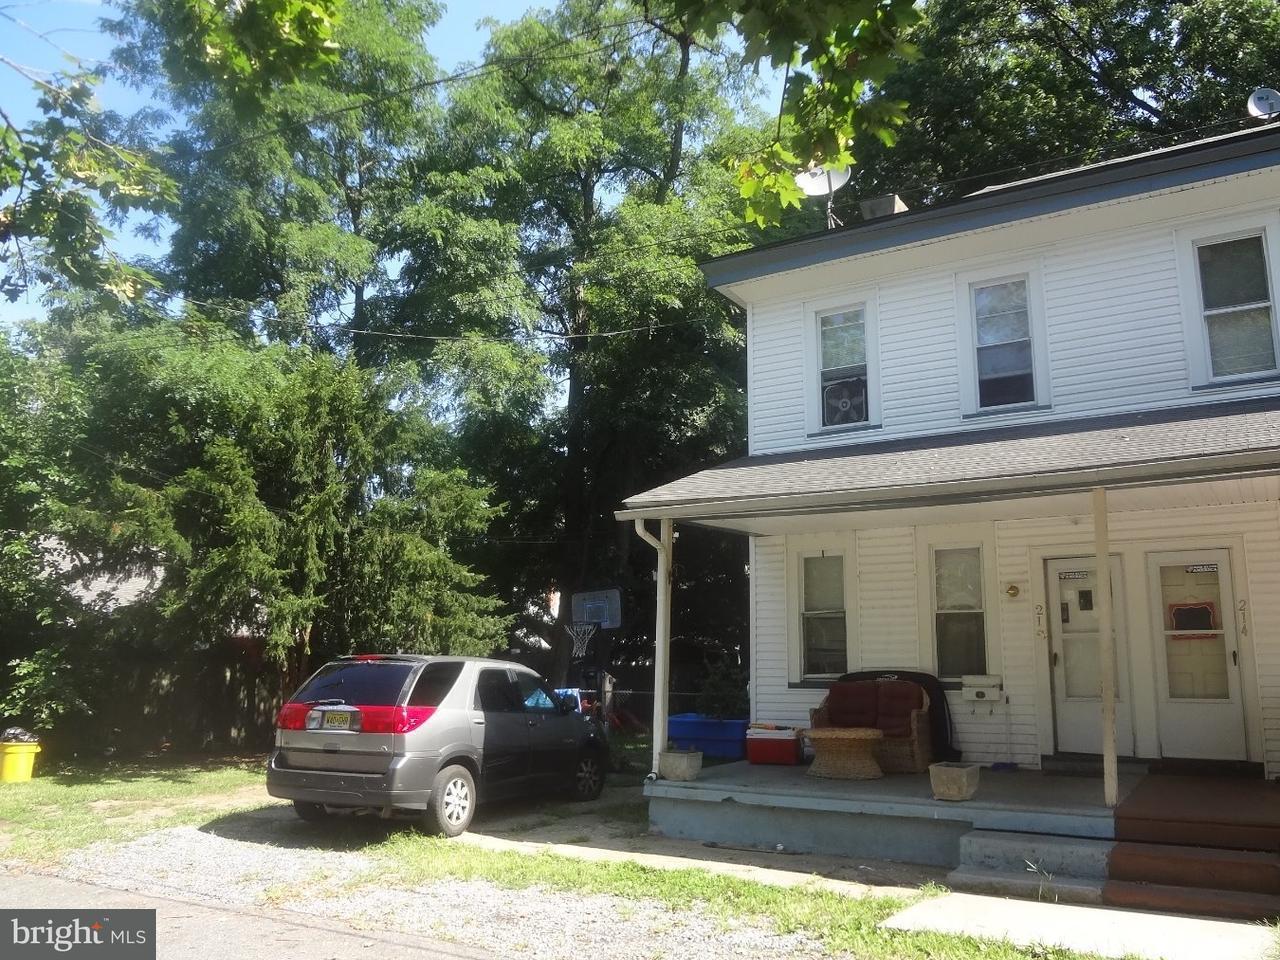 Casa unifamiliar adosada (Townhouse) por un Venta en 212 LINDEN Avenue Delanco Township, Nueva Jersey 08075 Estados Unidos